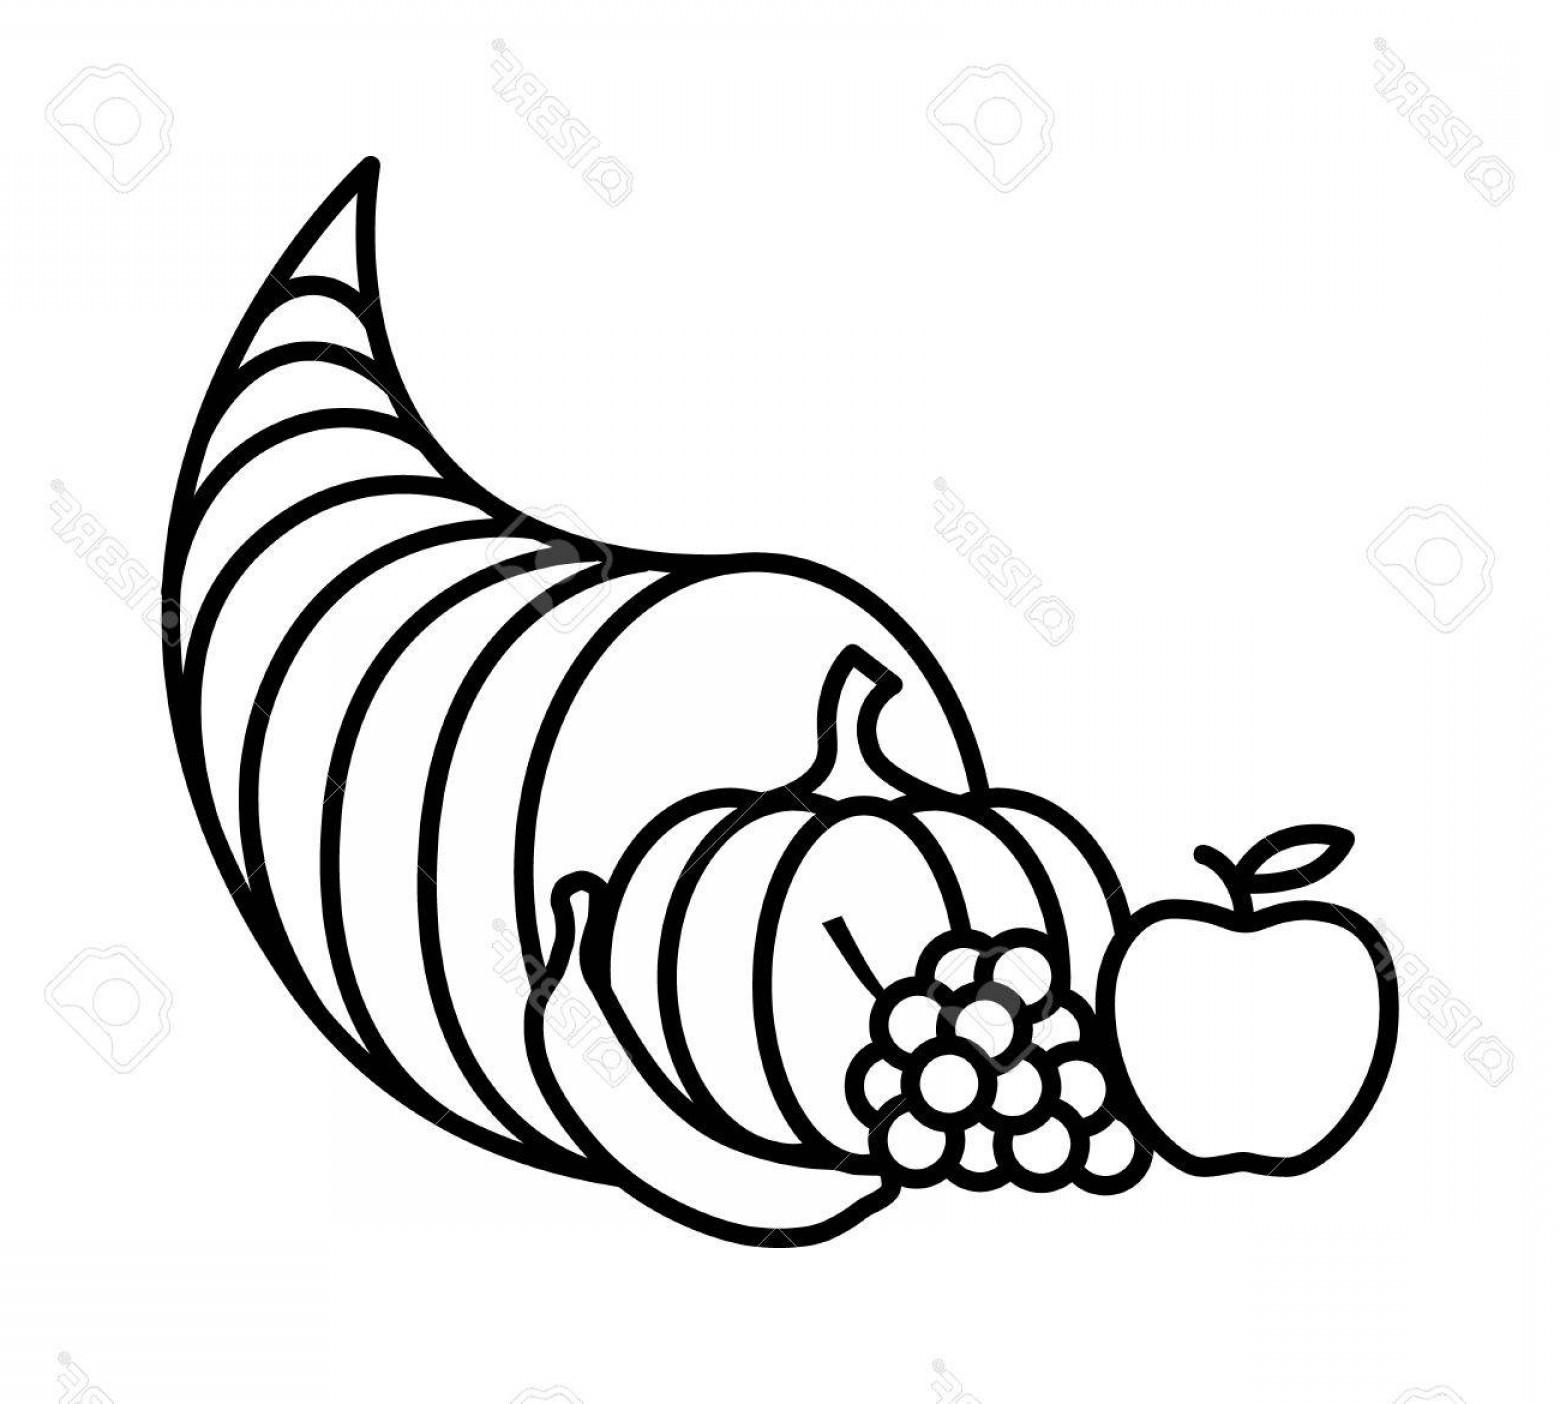 Horn of plenty clipart black and white banner freeuse stock Photostock Vector Cornucopia Horn Of Plenty Or Thanksgiving ... banner freeuse stock